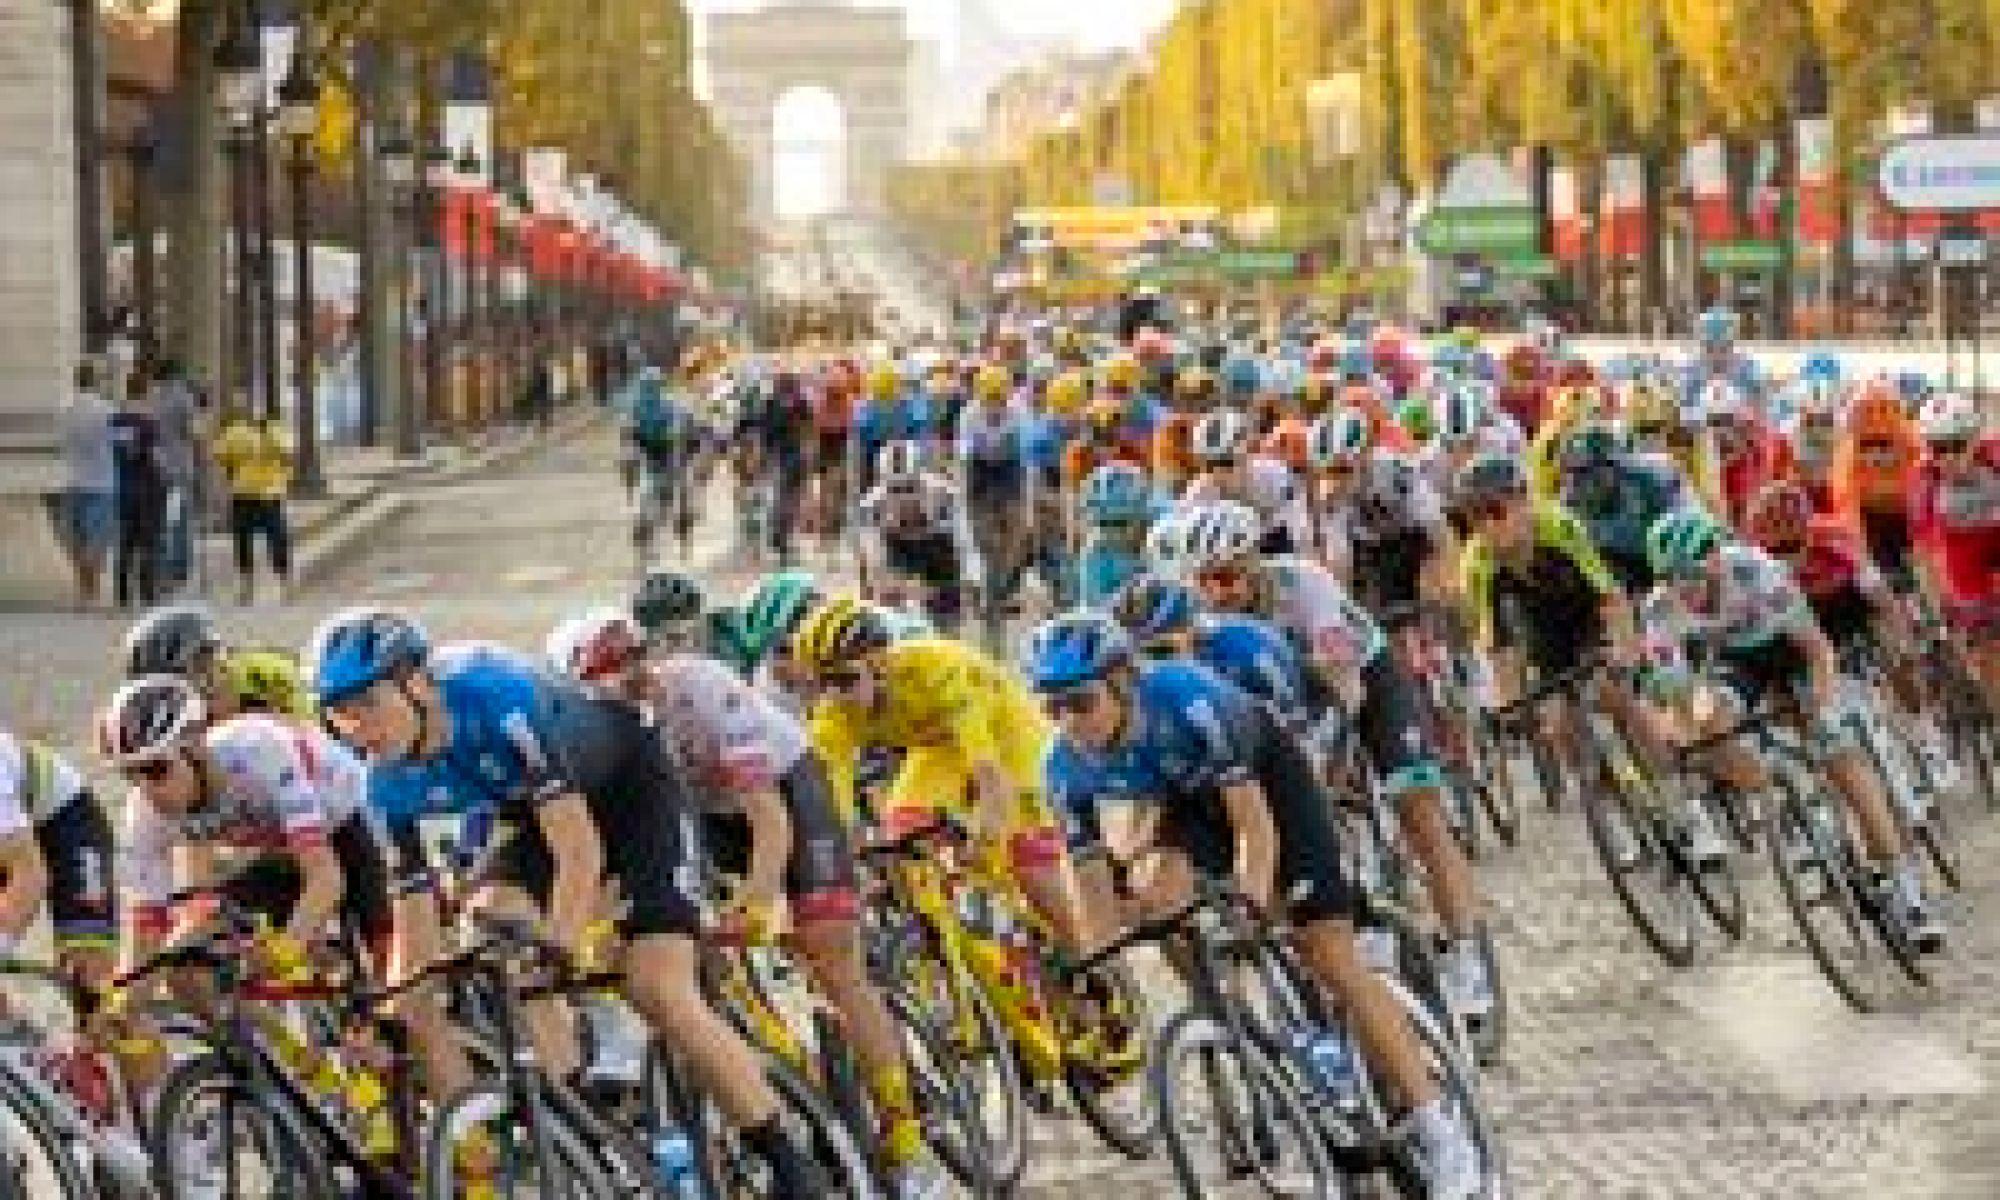 Tour de France 2021 route: Details of the 108th edition